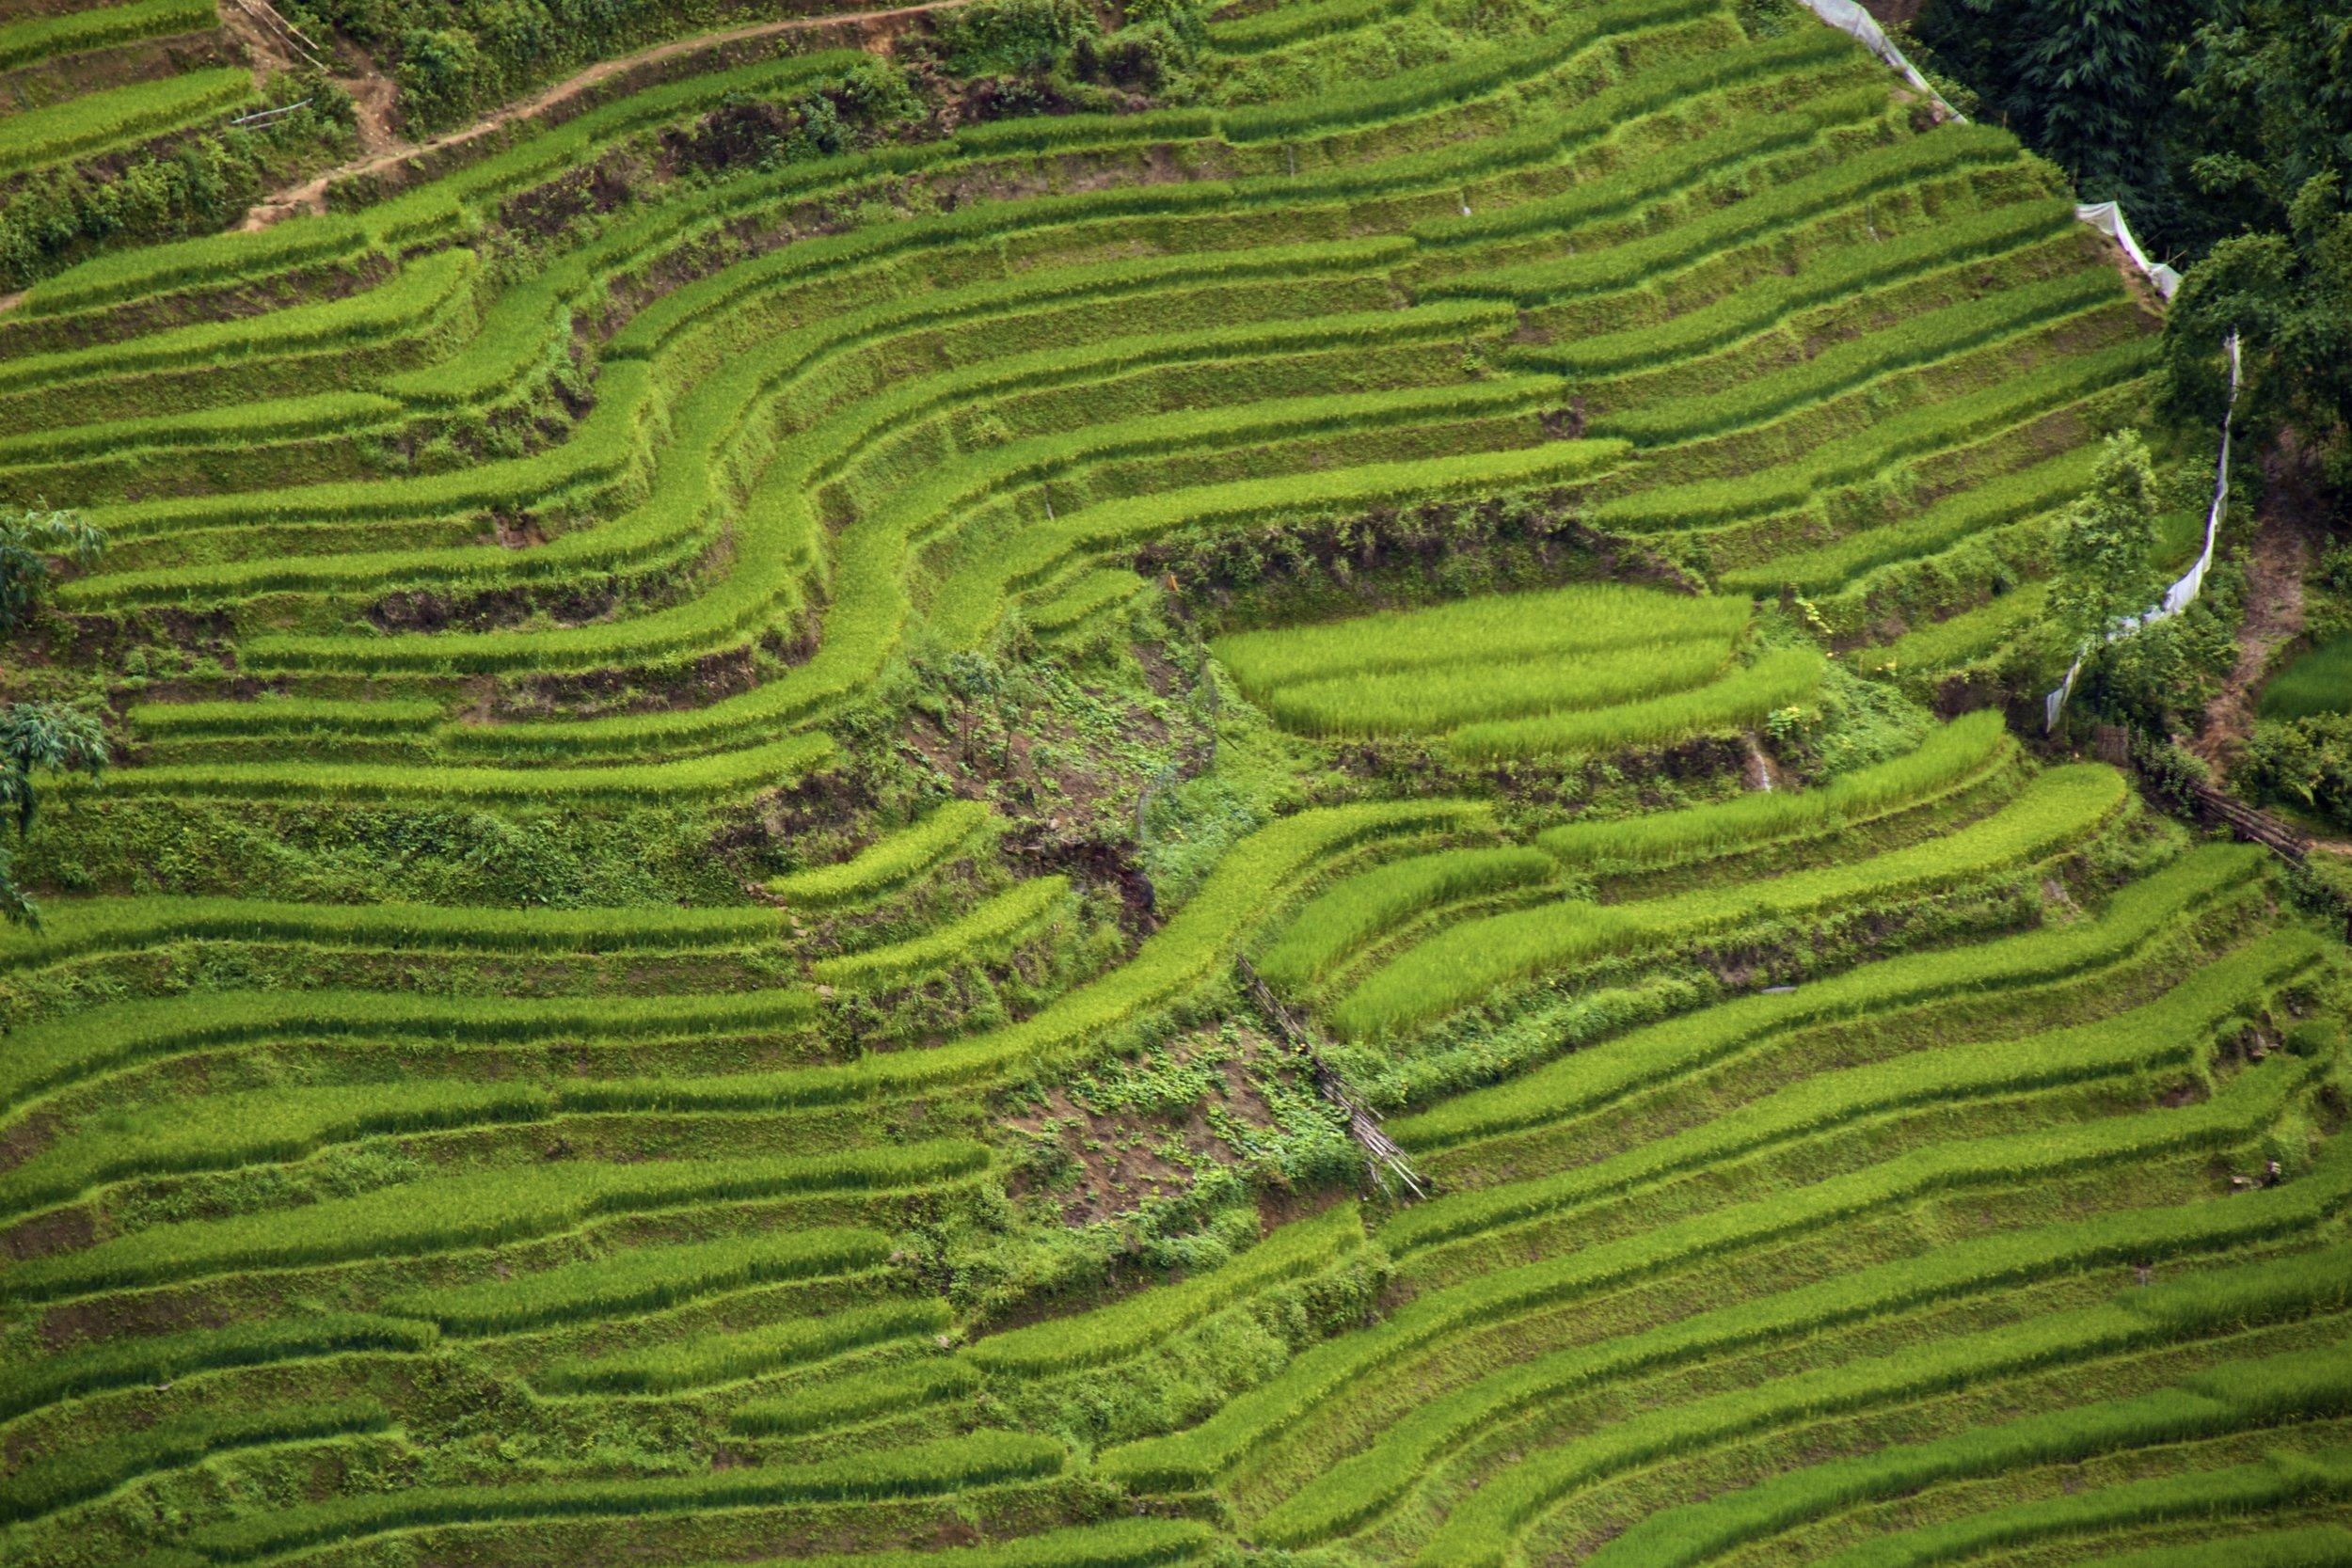 sa pa lao cai vietnam rice paddies 32.jpg